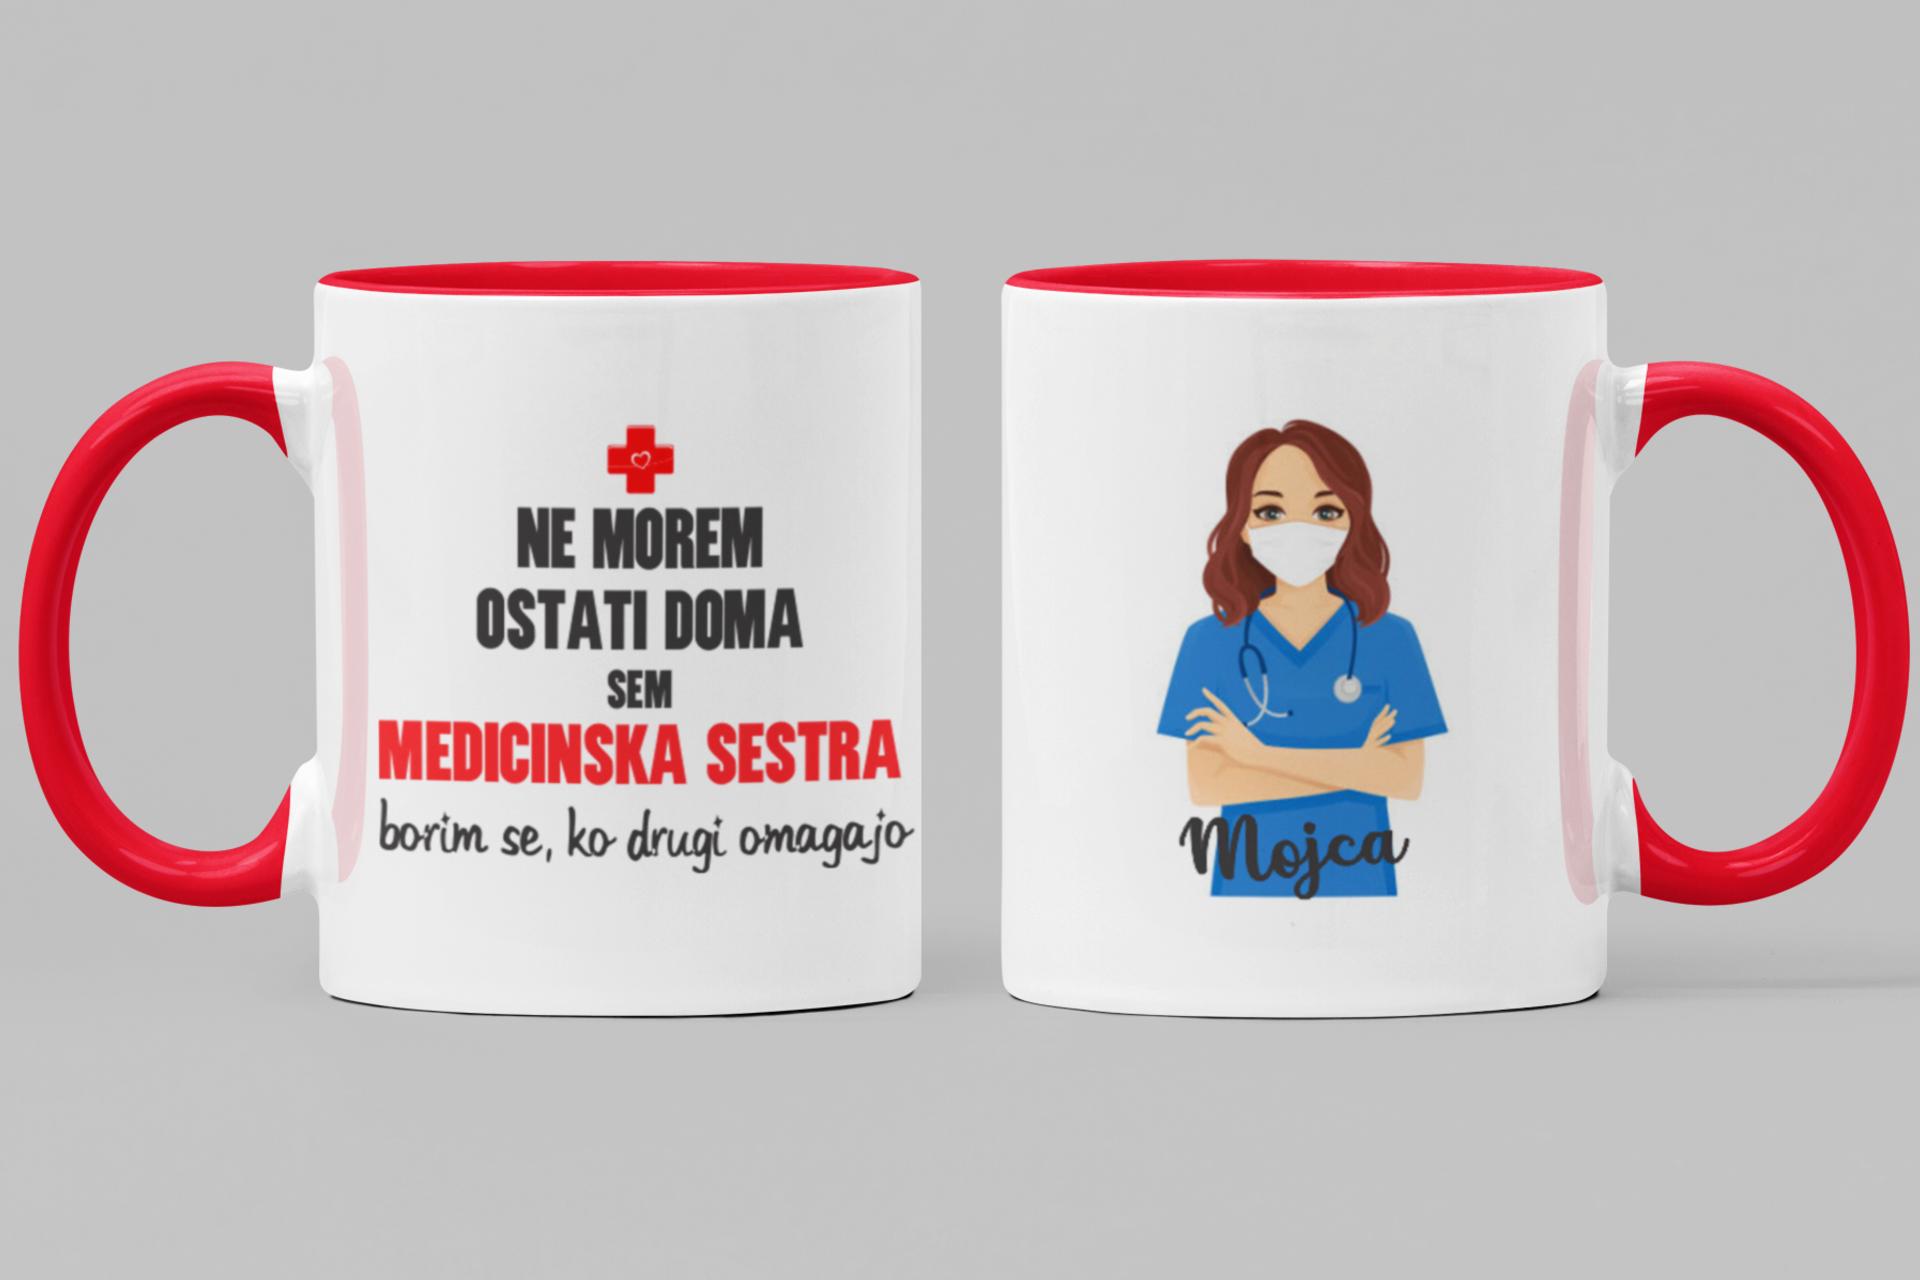 Skodelica ne morem ostati doma - medicinska sestra